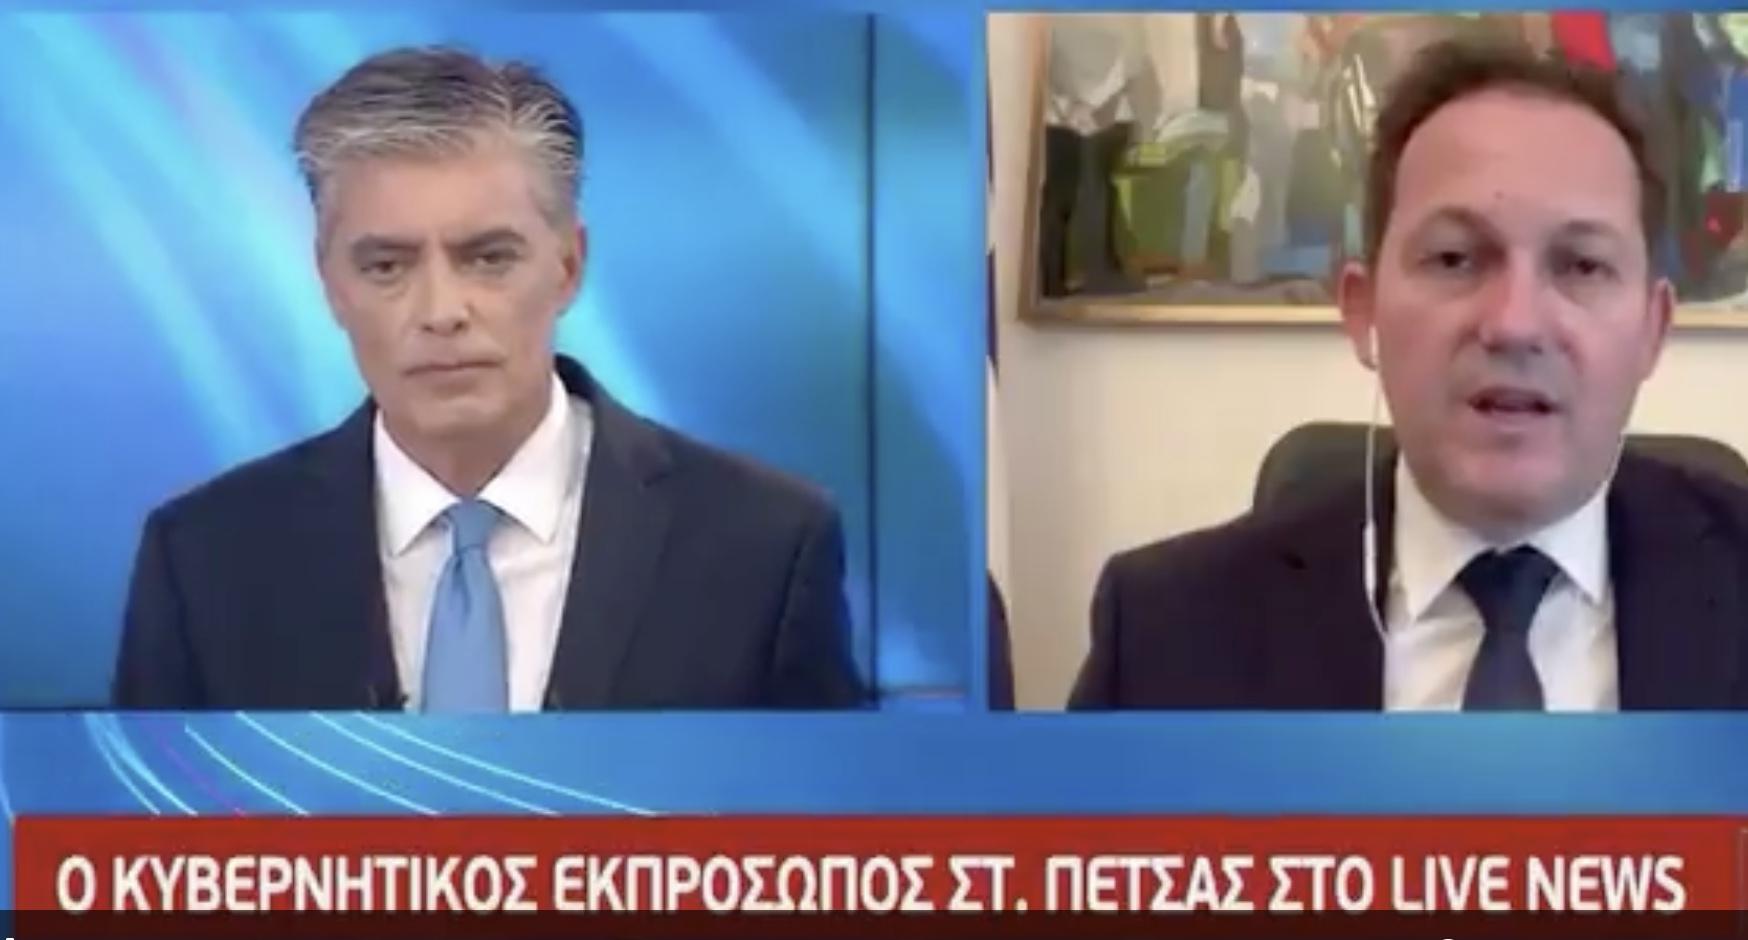 Στέλιος Πετσας: Τον τσακισε τον πρόεδρο του Εδεσσαϊκου (Βίντεο)